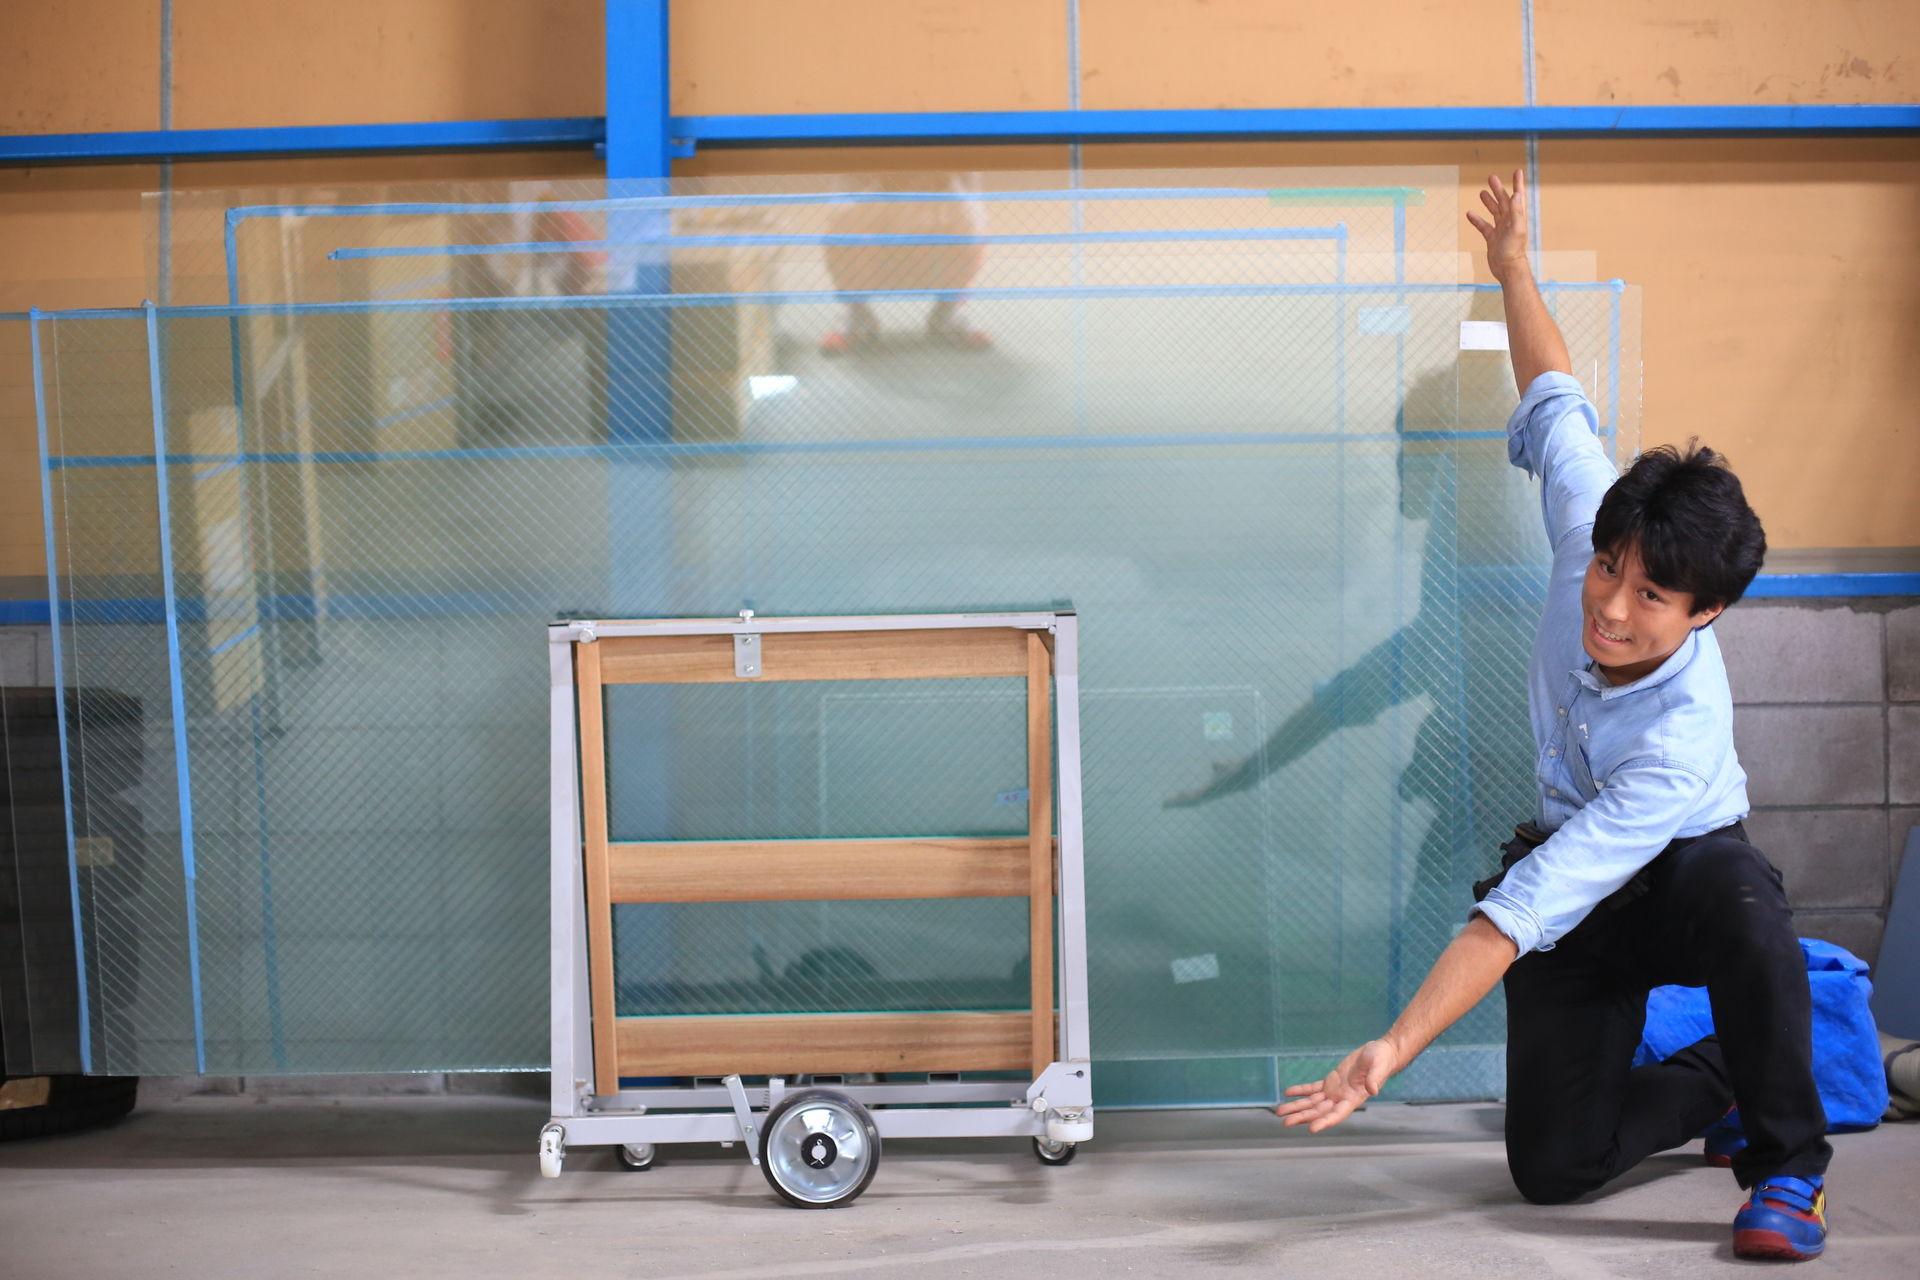 ガラスのトラブル救Q隊.24【横浜市泉区 出張エリア】の店内・外観画像1